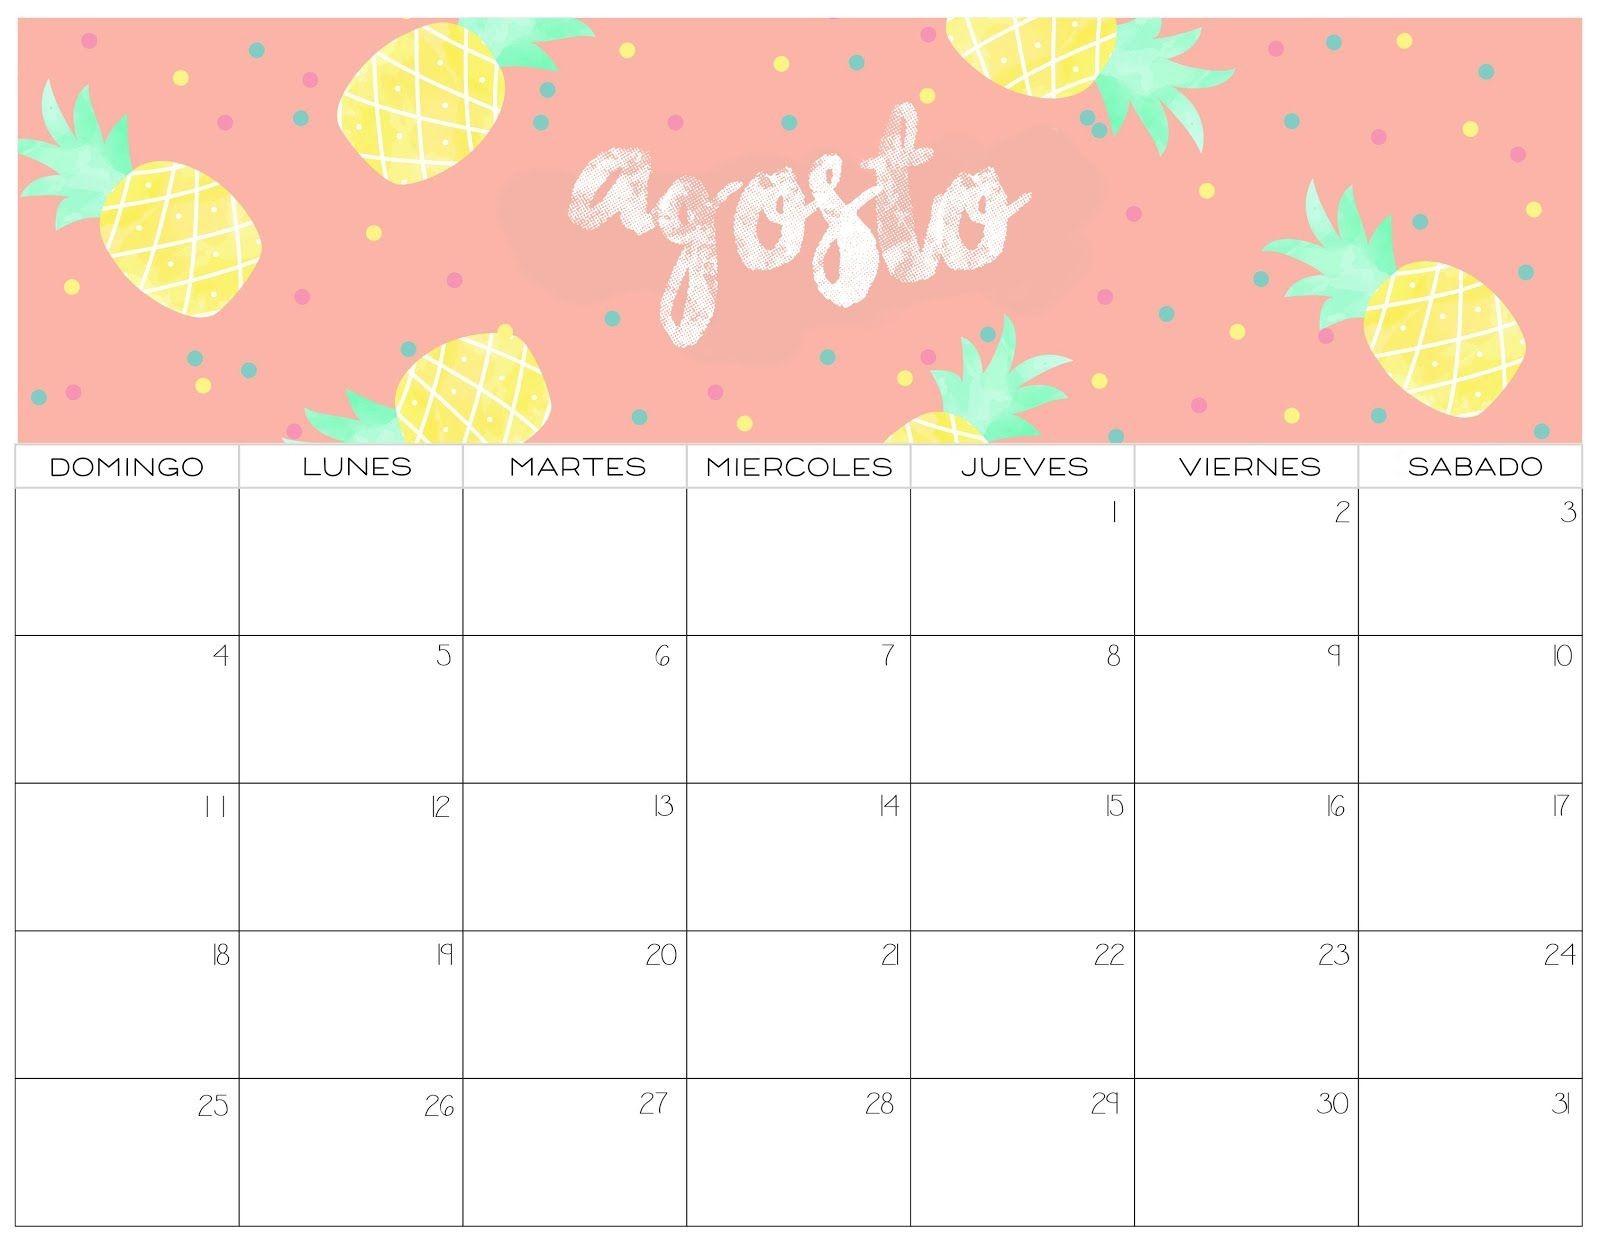 Calendario Imprimir Noviembre Mejores Y Más Novedosos Calendario 2019 Colorido 2 Estilos Meses Pinterest Of Calendario Imprimir Noviembre Más Populares Es Calendarios Para Imprimir 2017 Noviembre